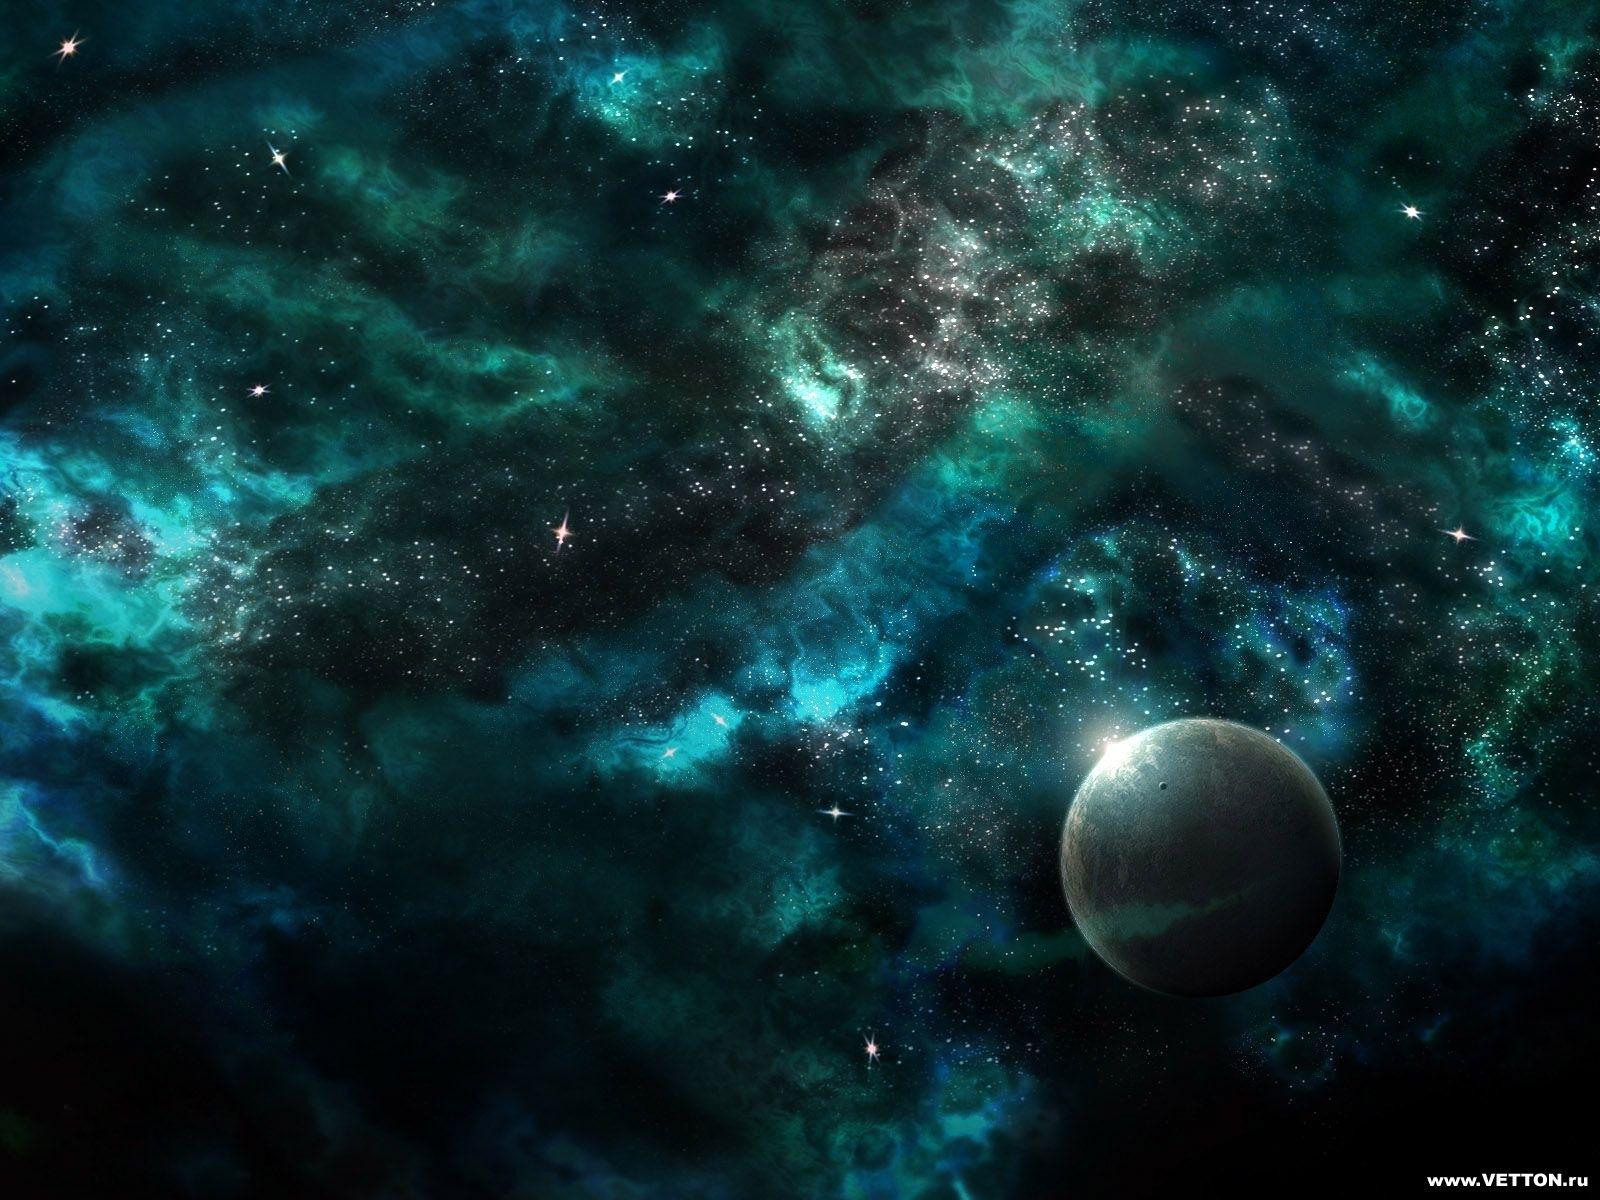 1724 télécharger le fond d'écran Paysage, Fantaisie, Planètes, Univers, Etoiles - économiseurs d'écran et images gratuitement